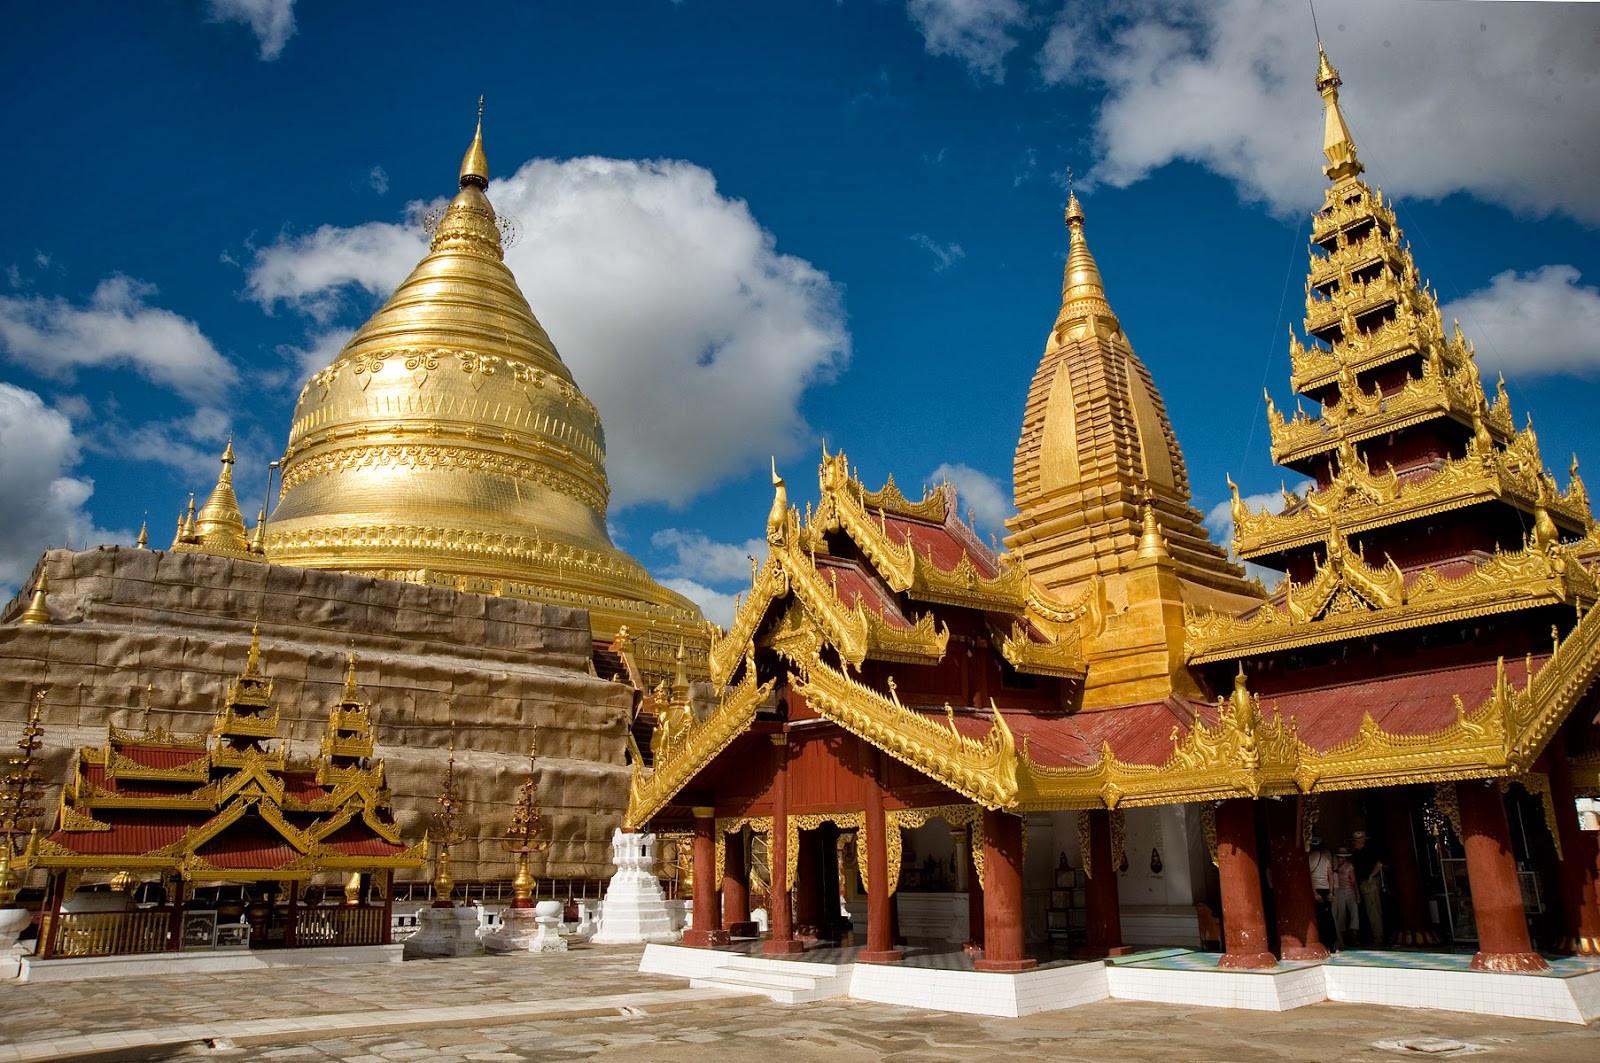 Chiêm ngưỡng ngôi chùa Shwe Maw Daw cao nhất Myanmar - ảnh 6